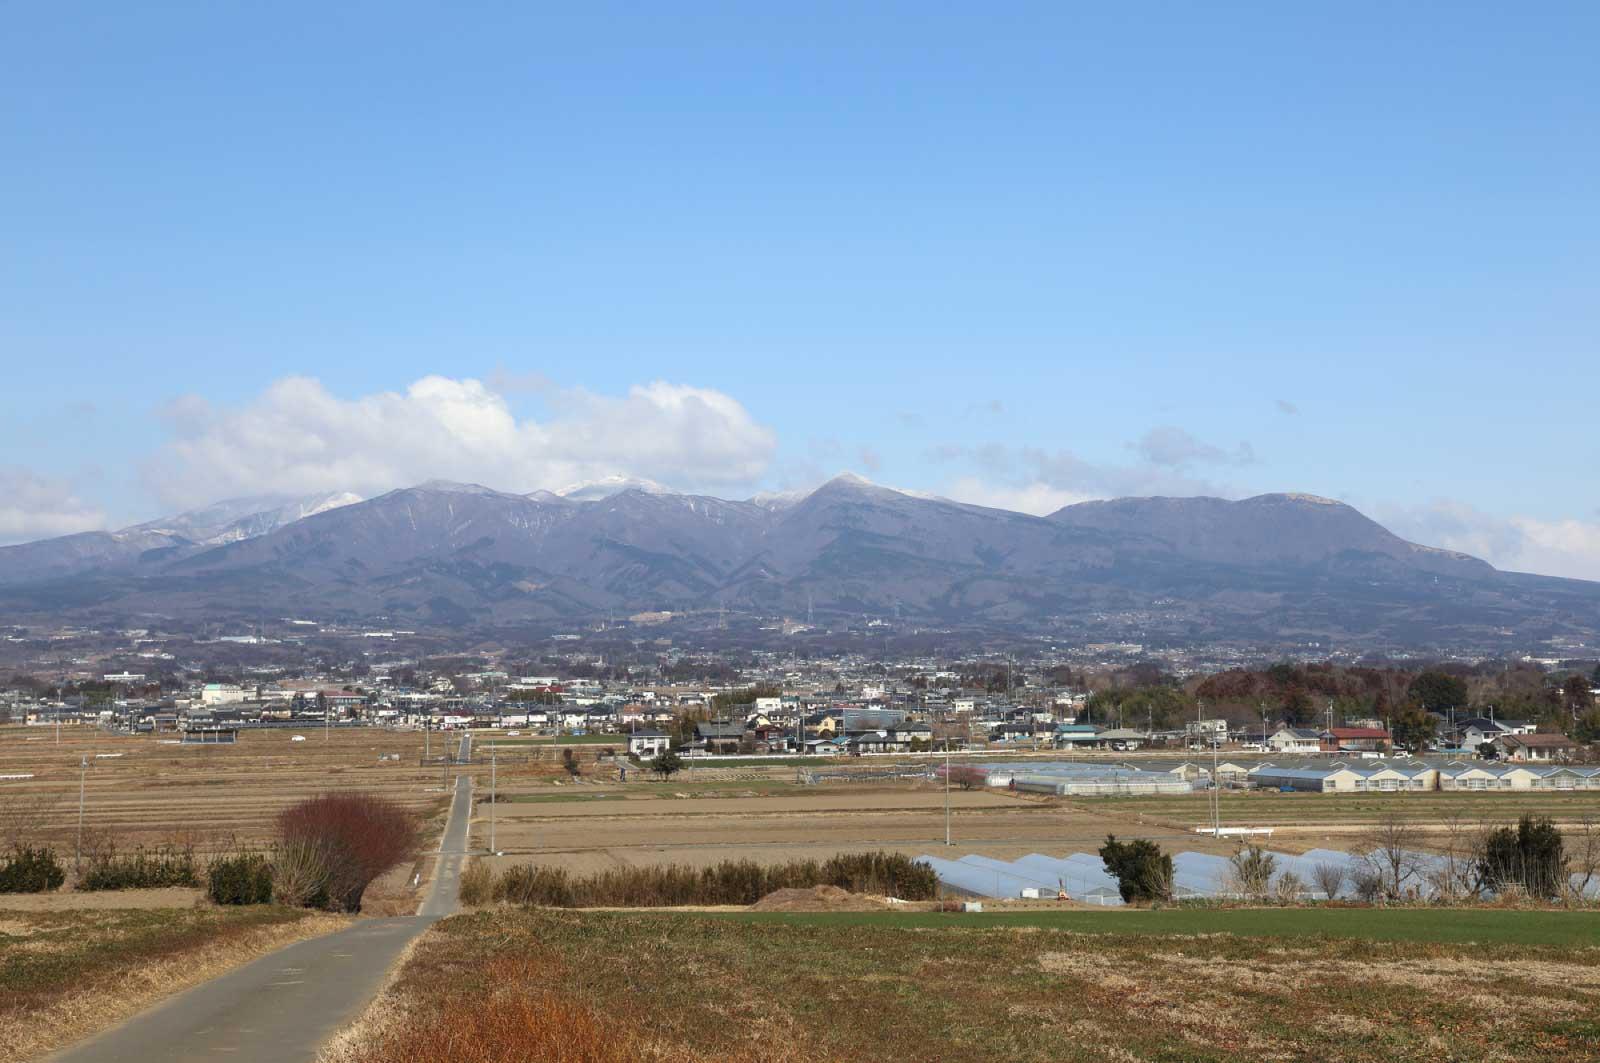 赤城山という呼び名は複数の連峰の総称